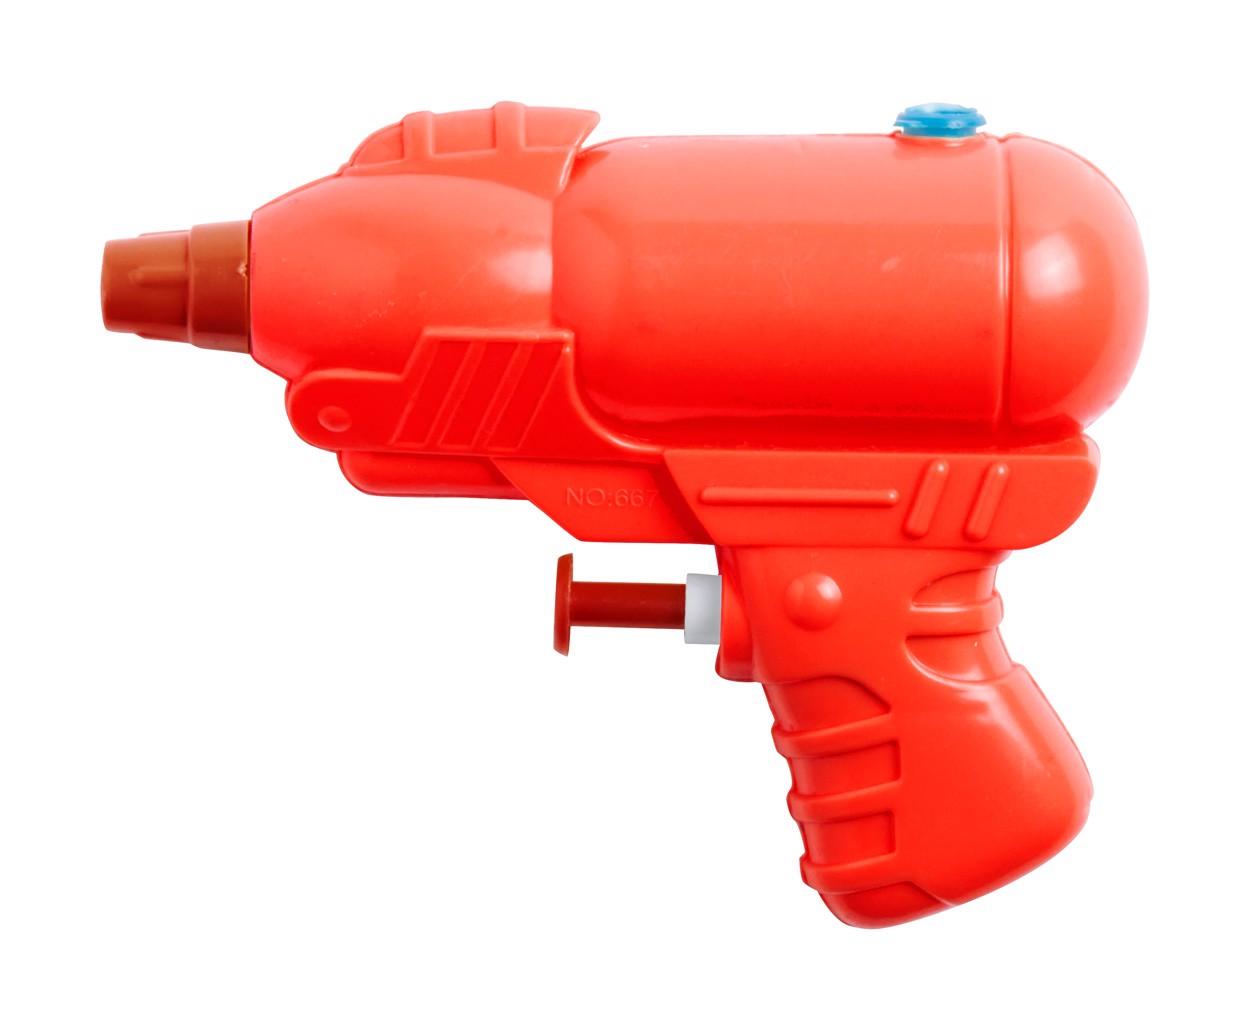 Pistol Cu Apă Daira - Roșu